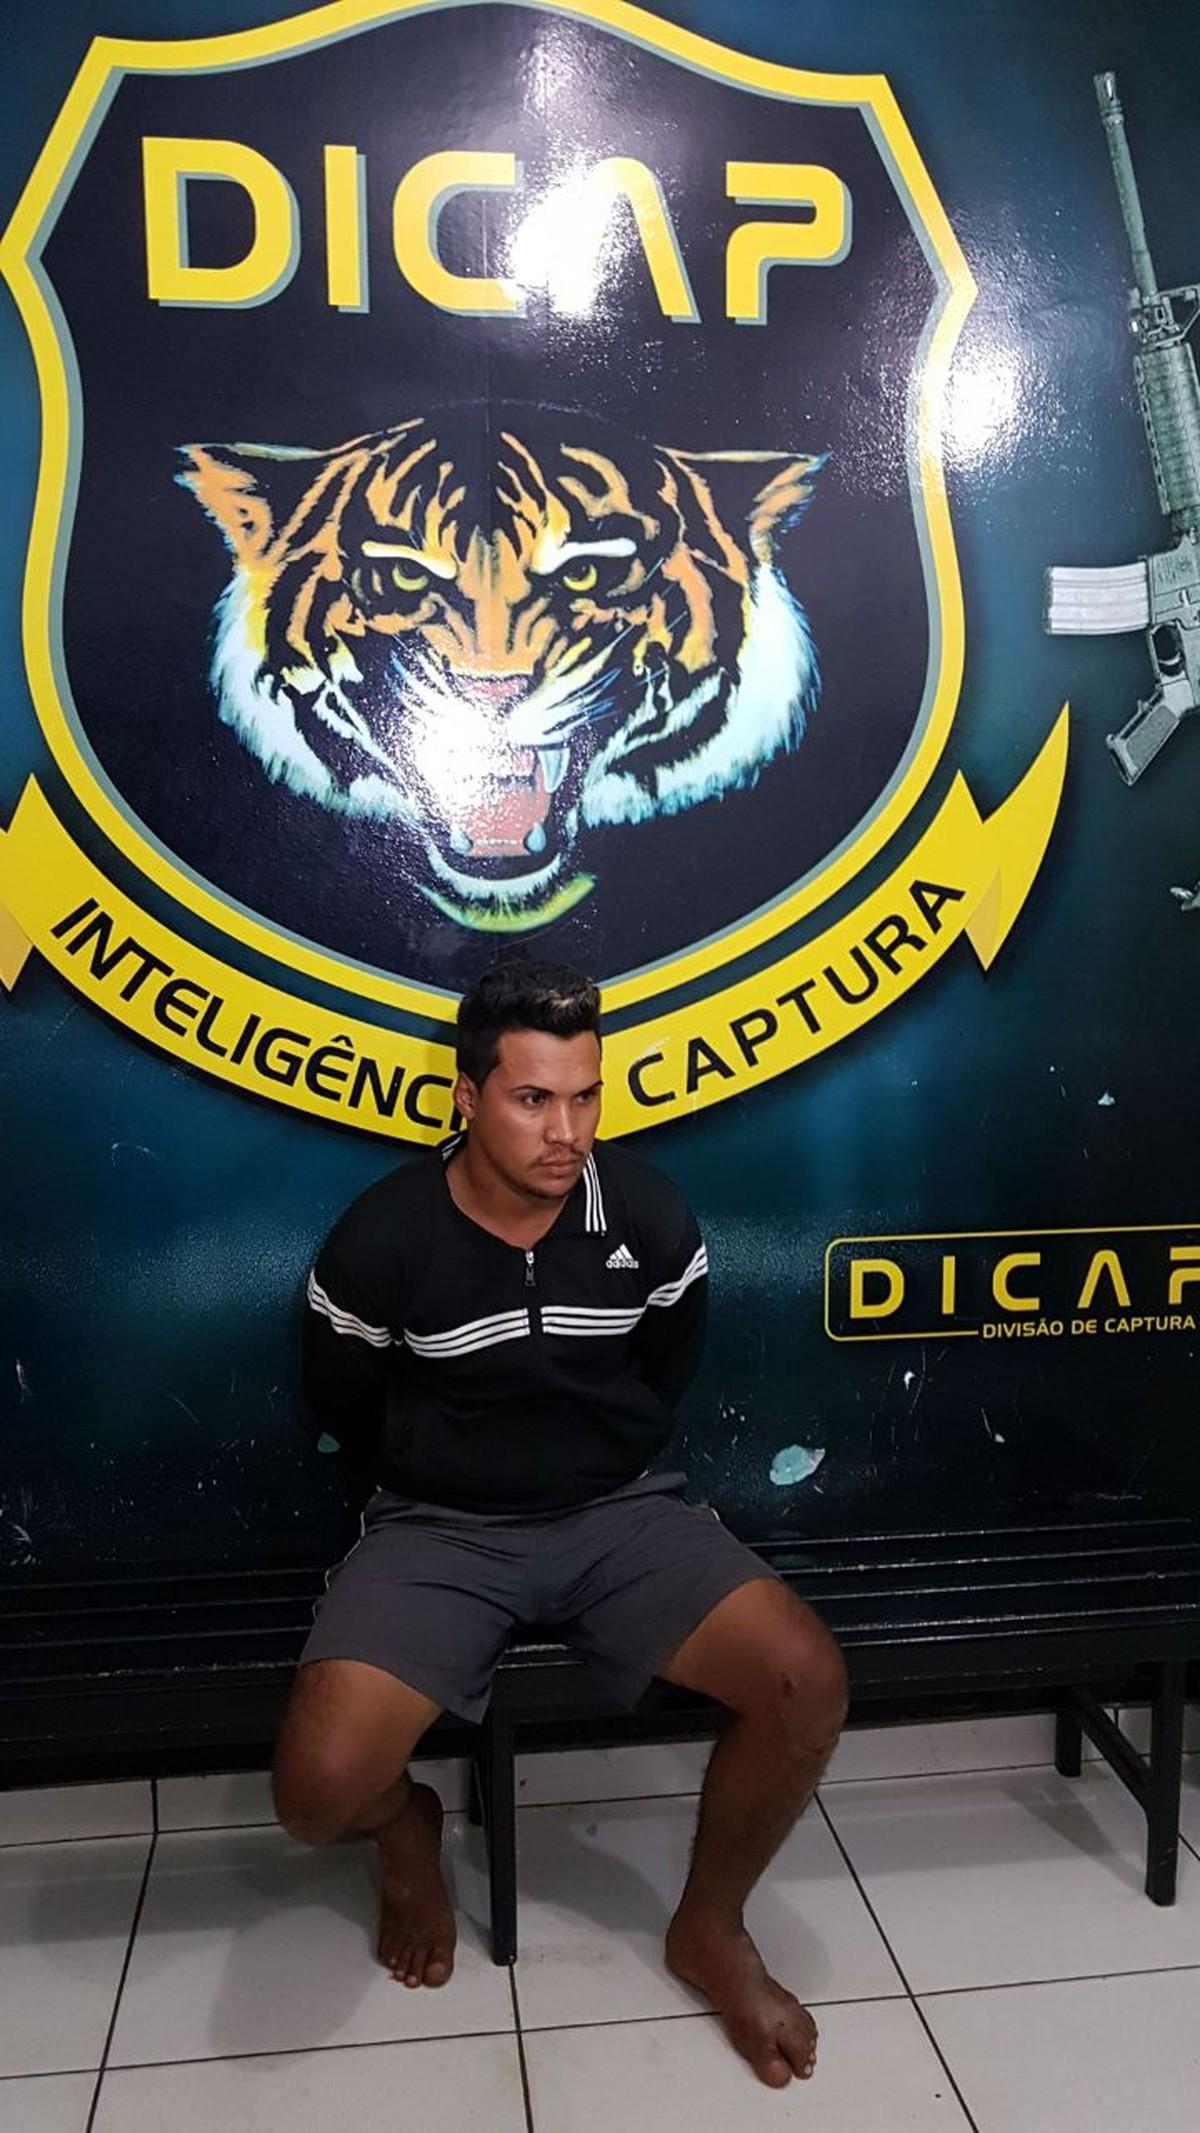 Foragido acusado de latrocínio é preso em Boa Vista ao retornar de garimpo